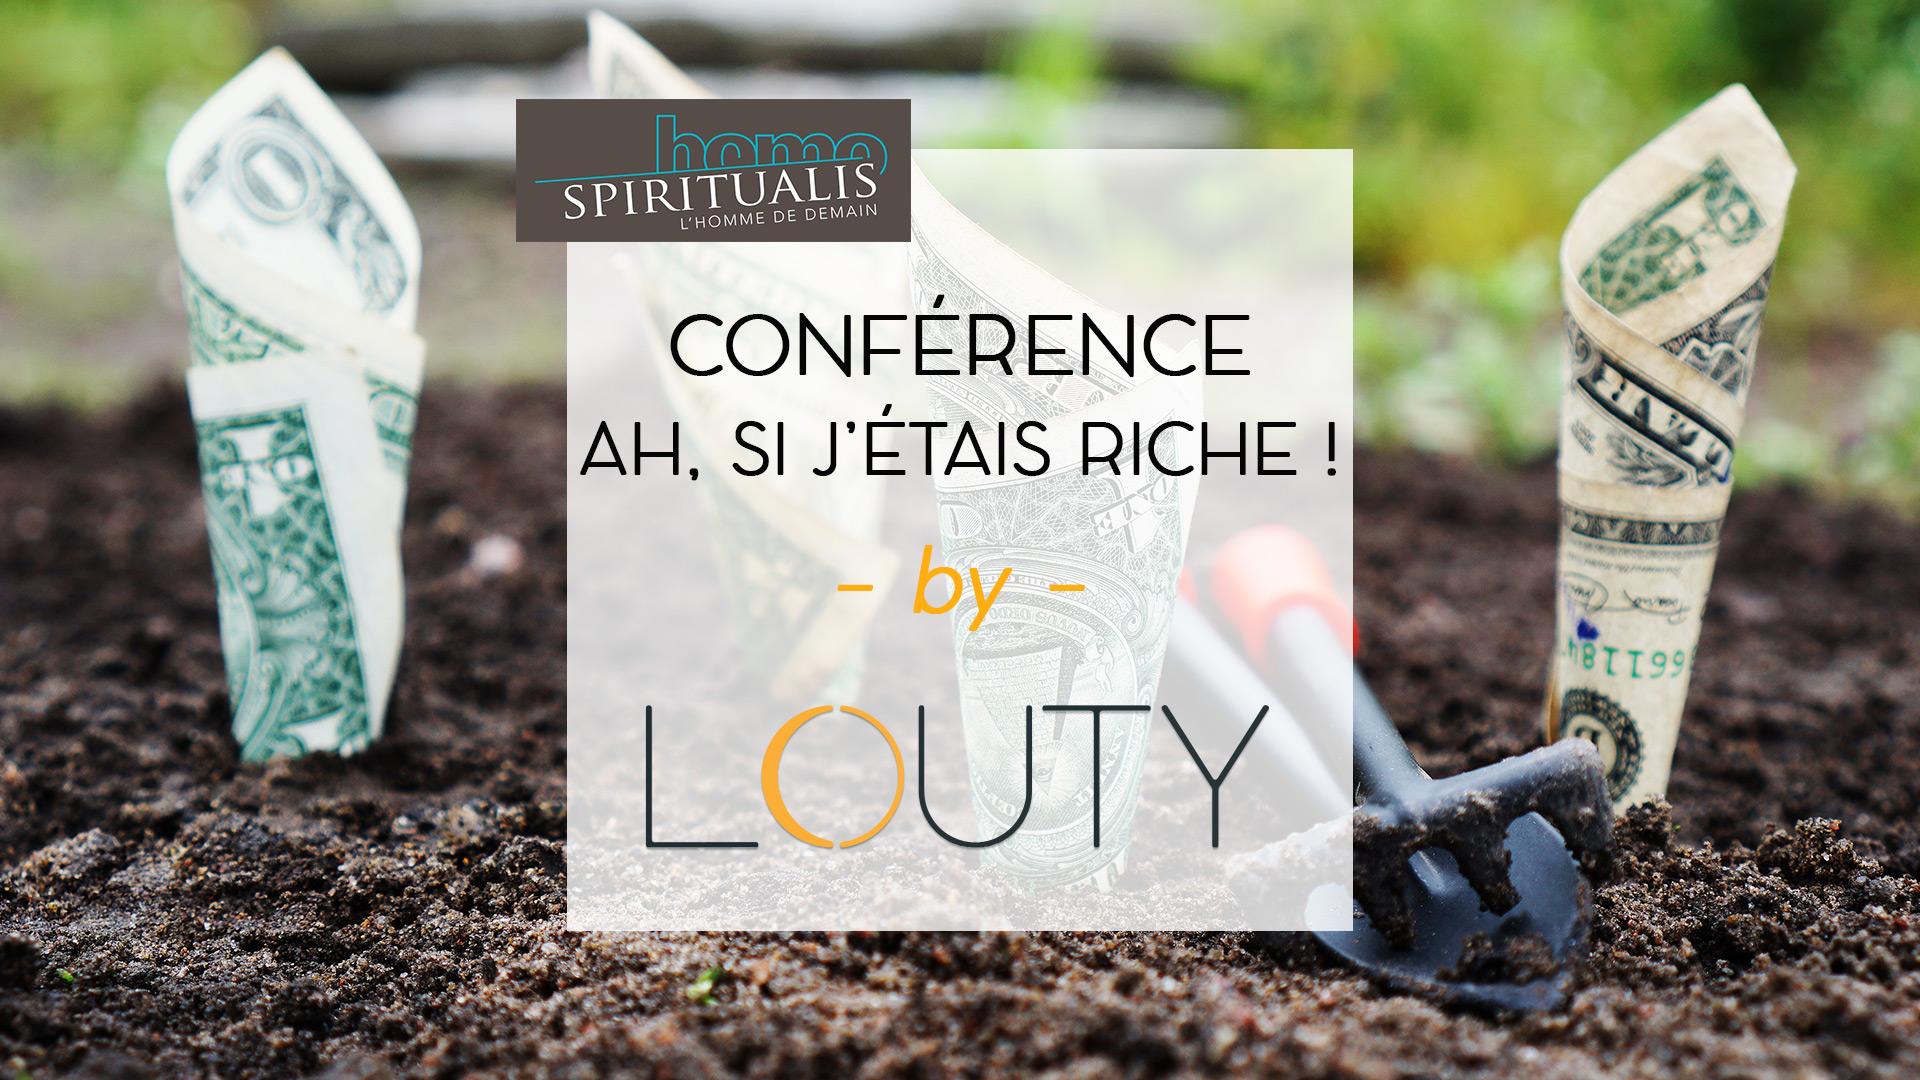 Conférence chez LOUTY de Yann-Erik Bourgeois homo spiritualis